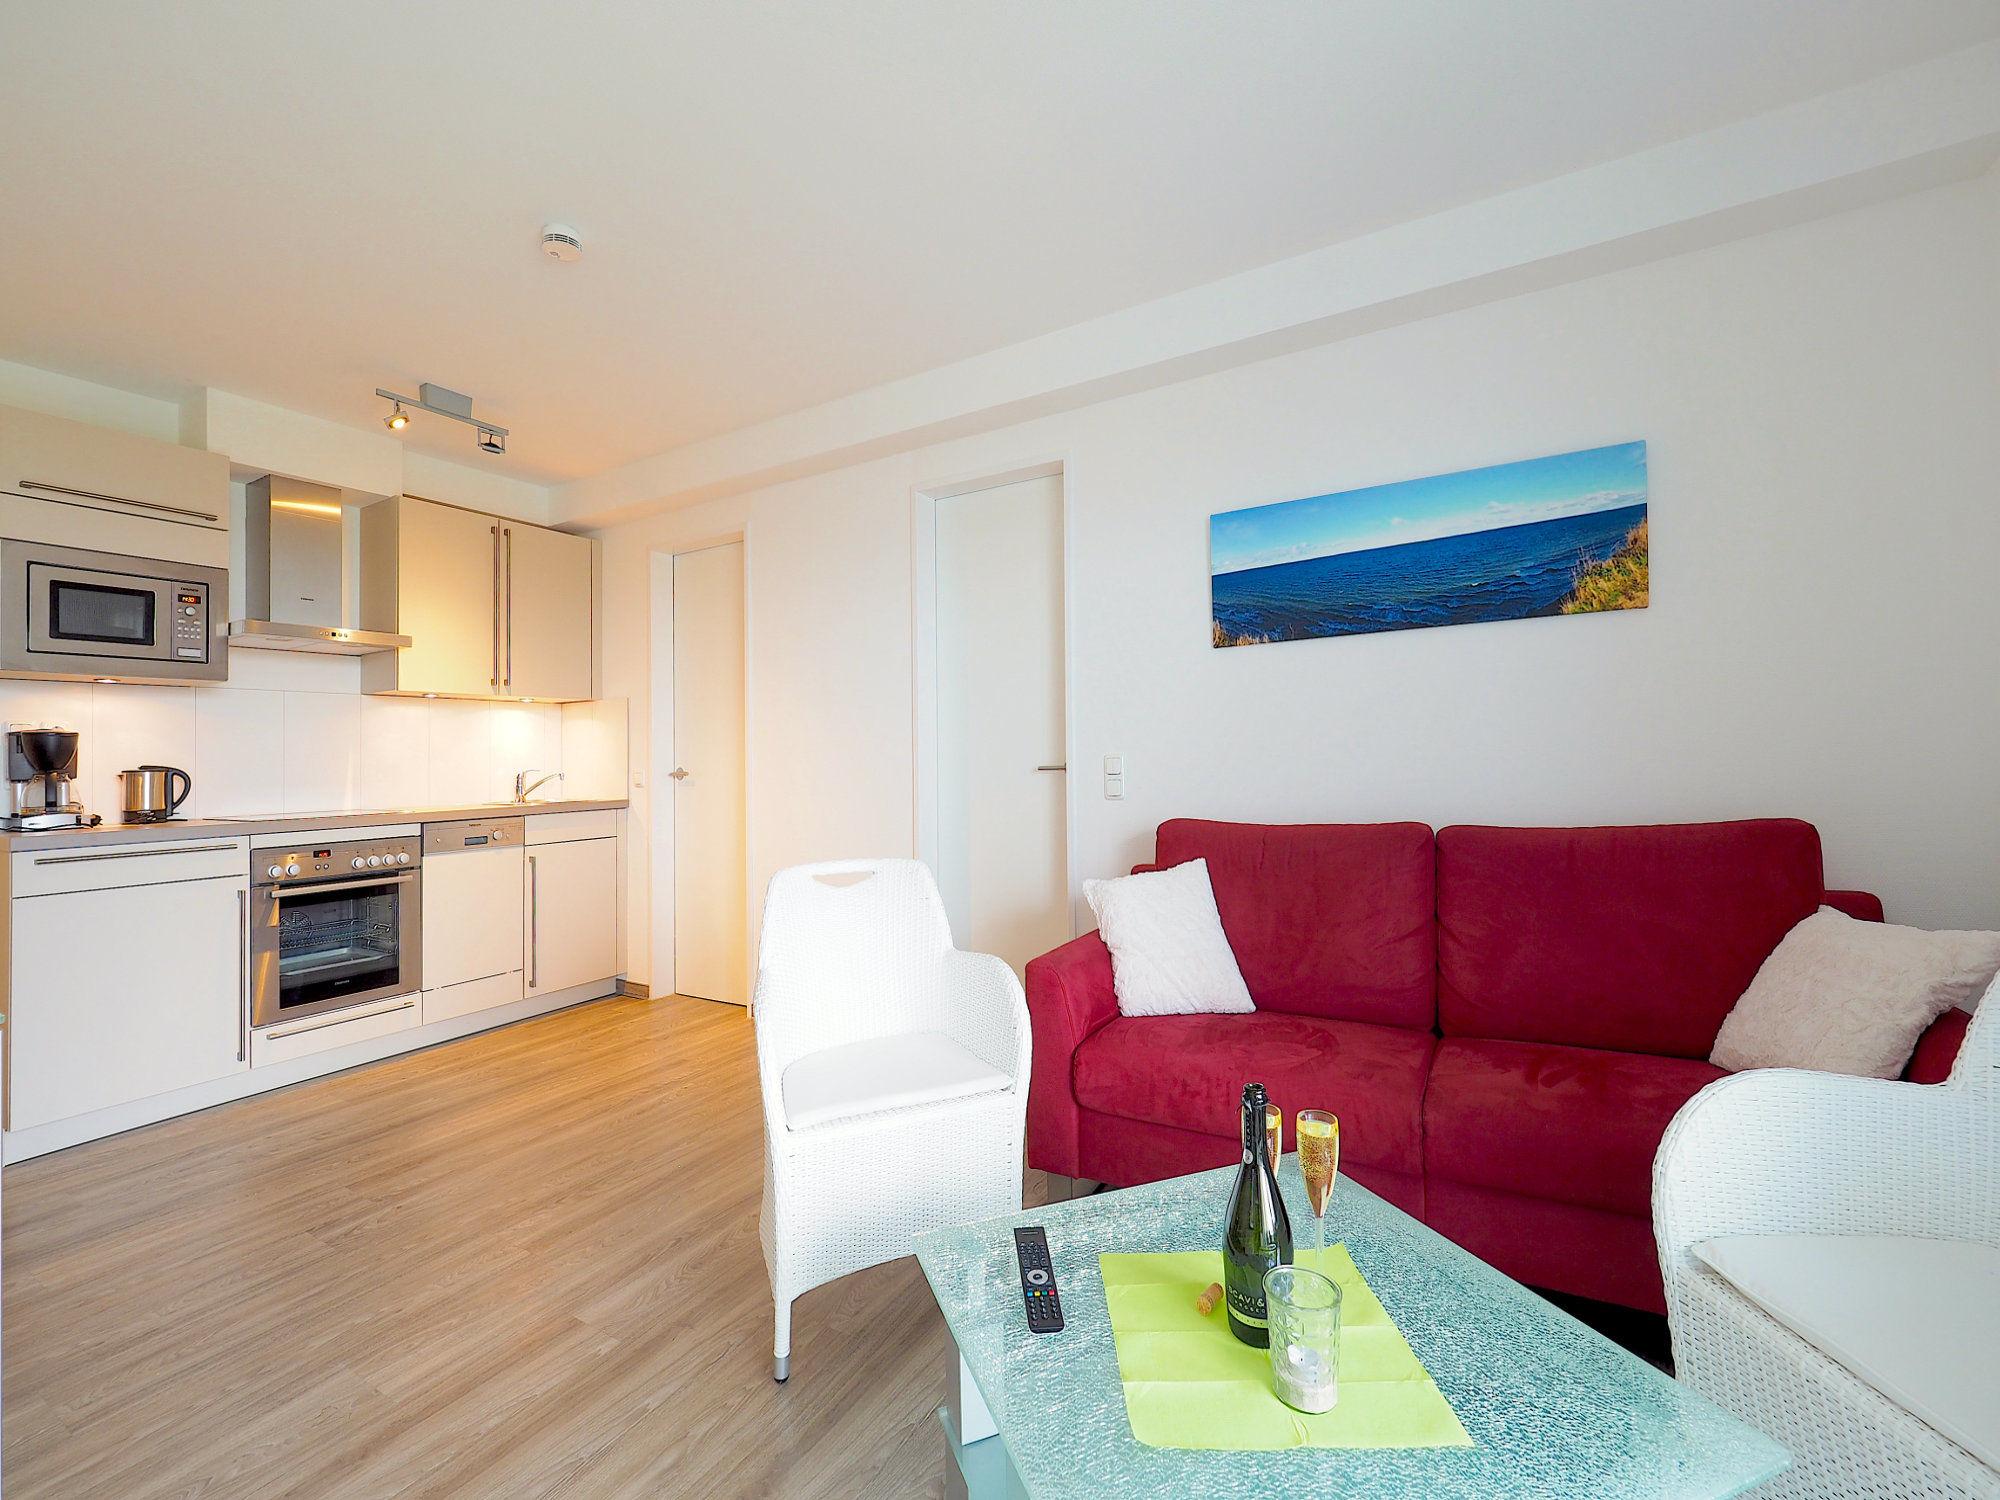 Im Vordergrund Couch mit Glastisch und Korbsessel, moderne Küchenzeile im Hintergrund